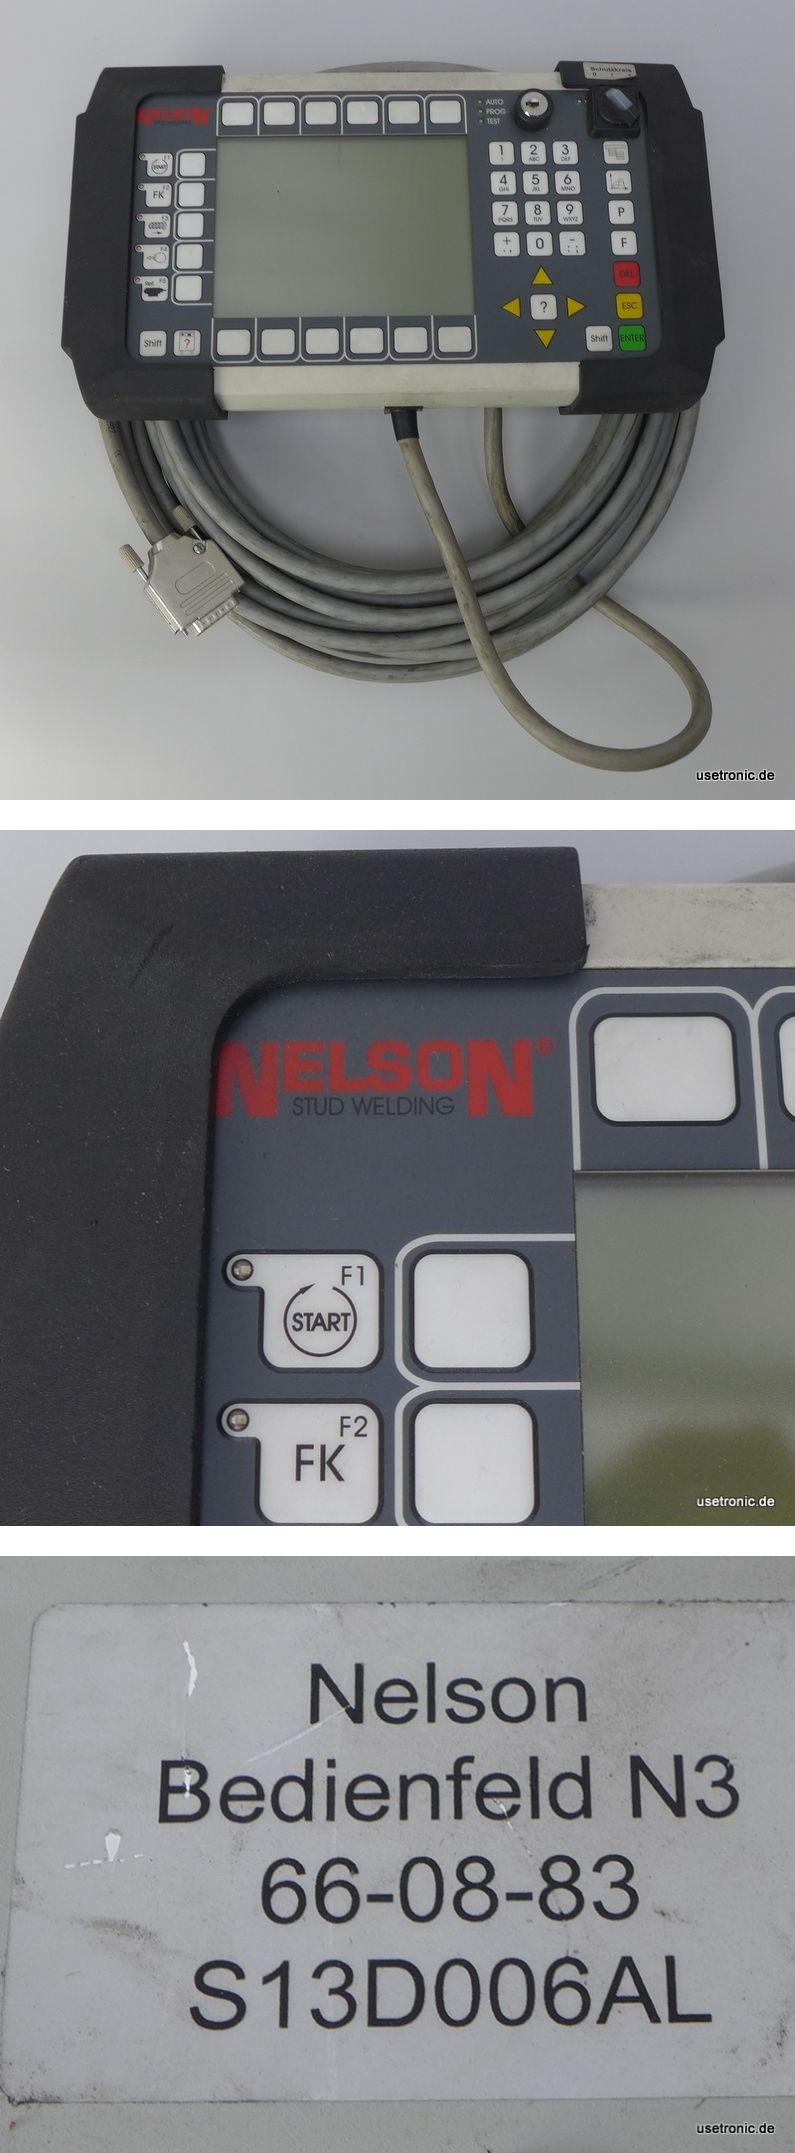 NELSON Bedienfeld 66-08-83 S13D006AL